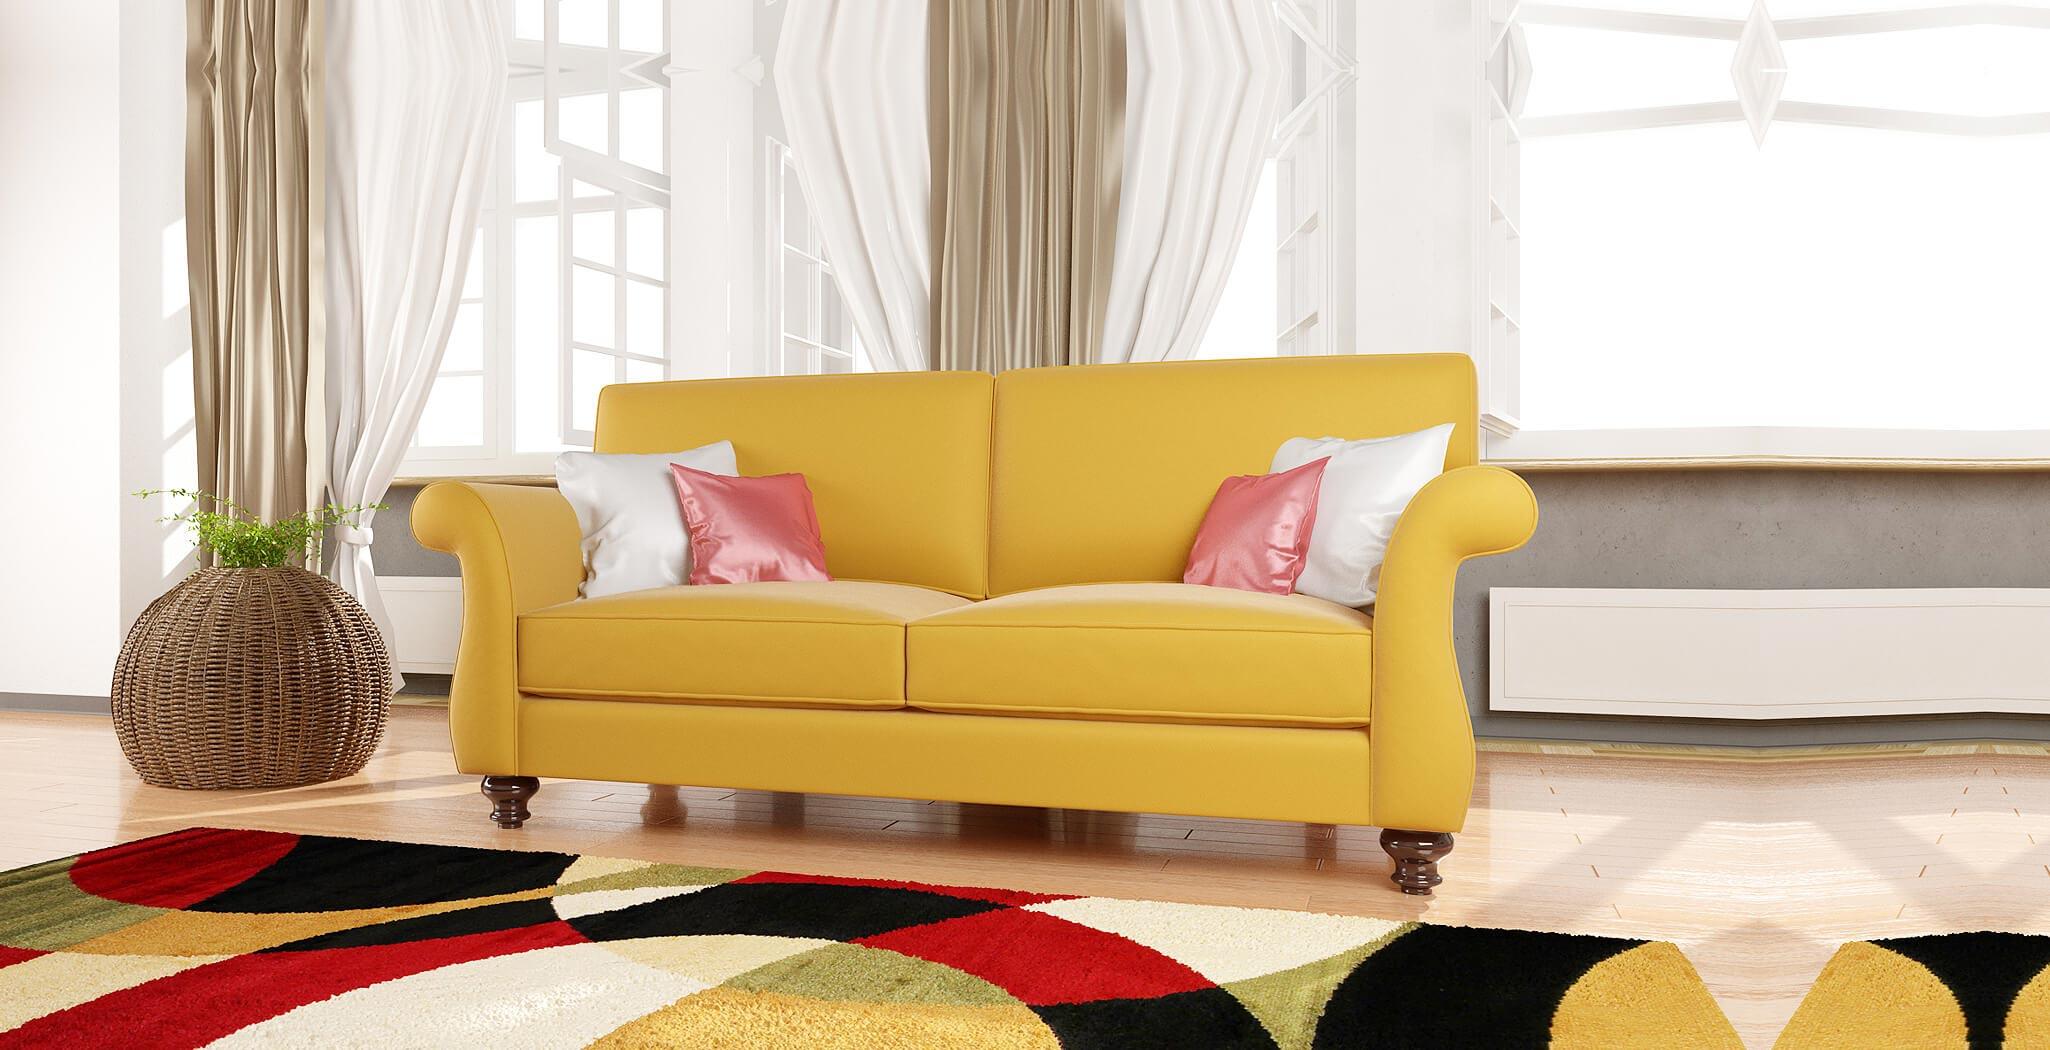 pisa sofa furniture gallery 5